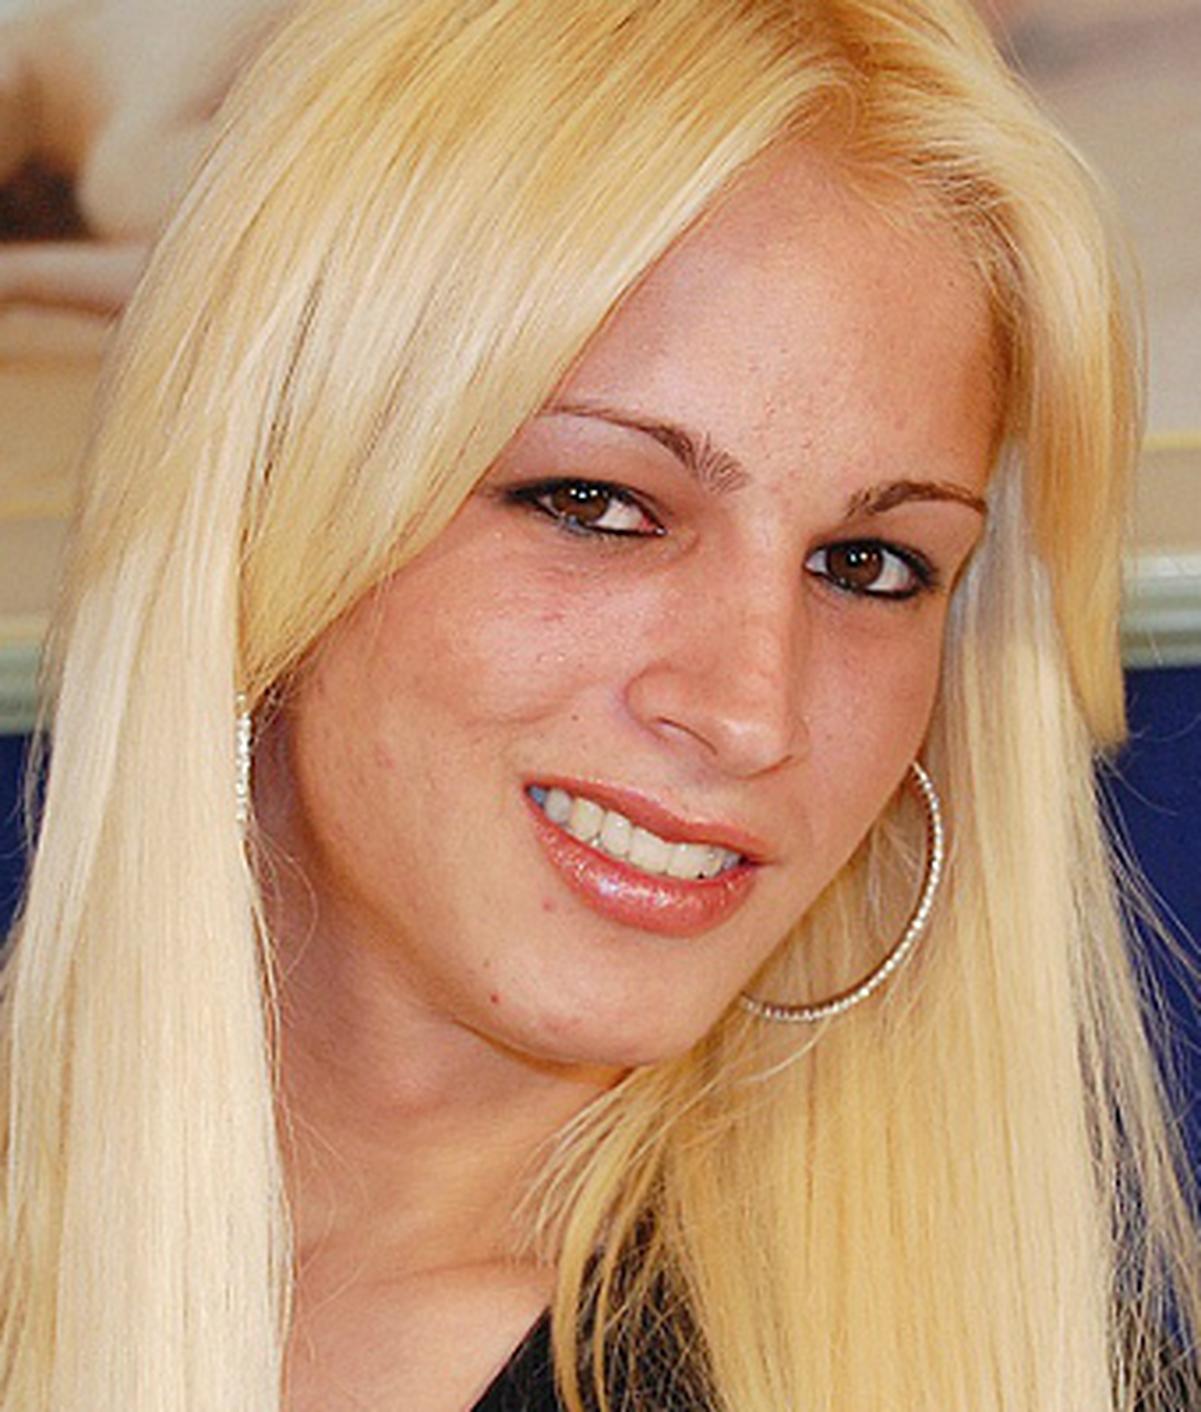 Dany De Castro